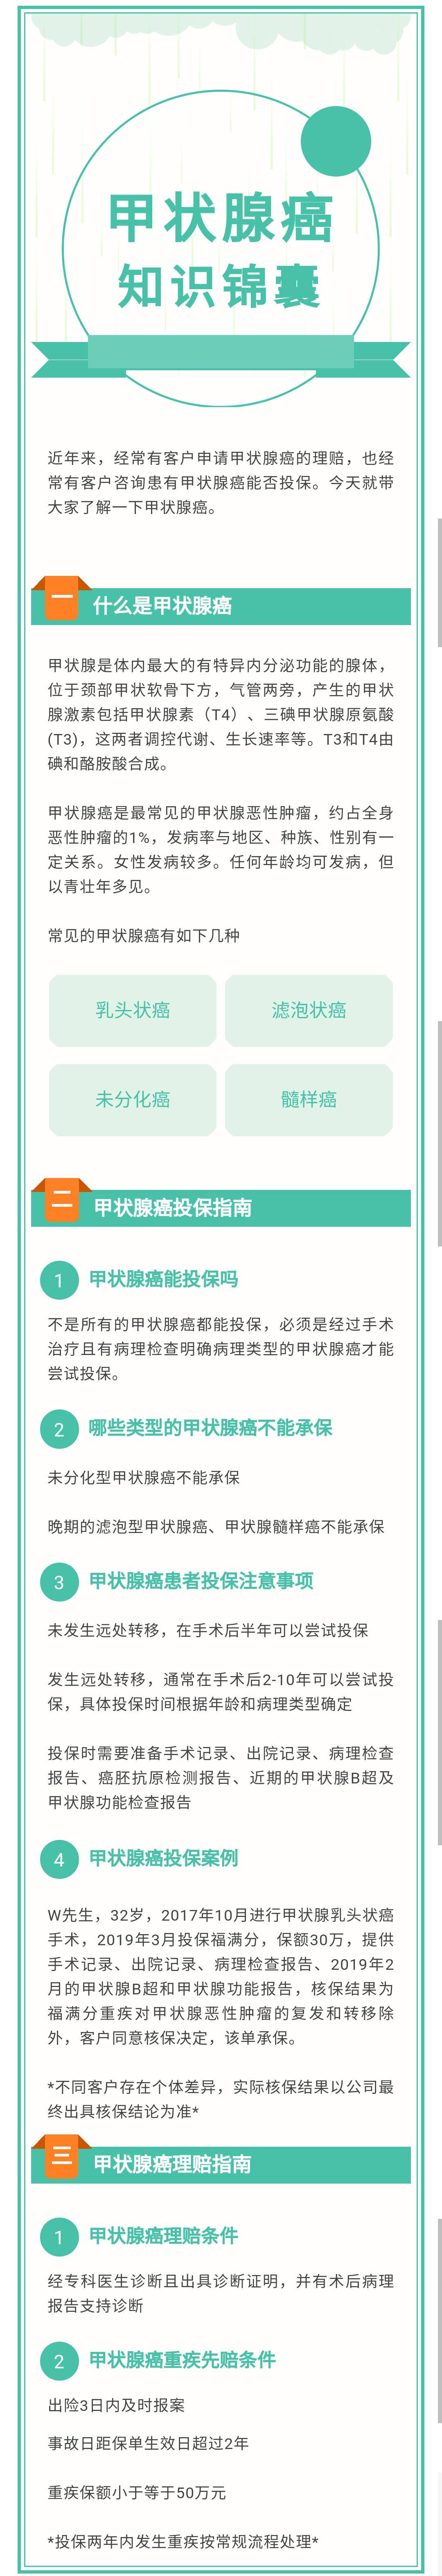 阅读这篇文章就足以了解甲状腺癌了。 韩国对甲